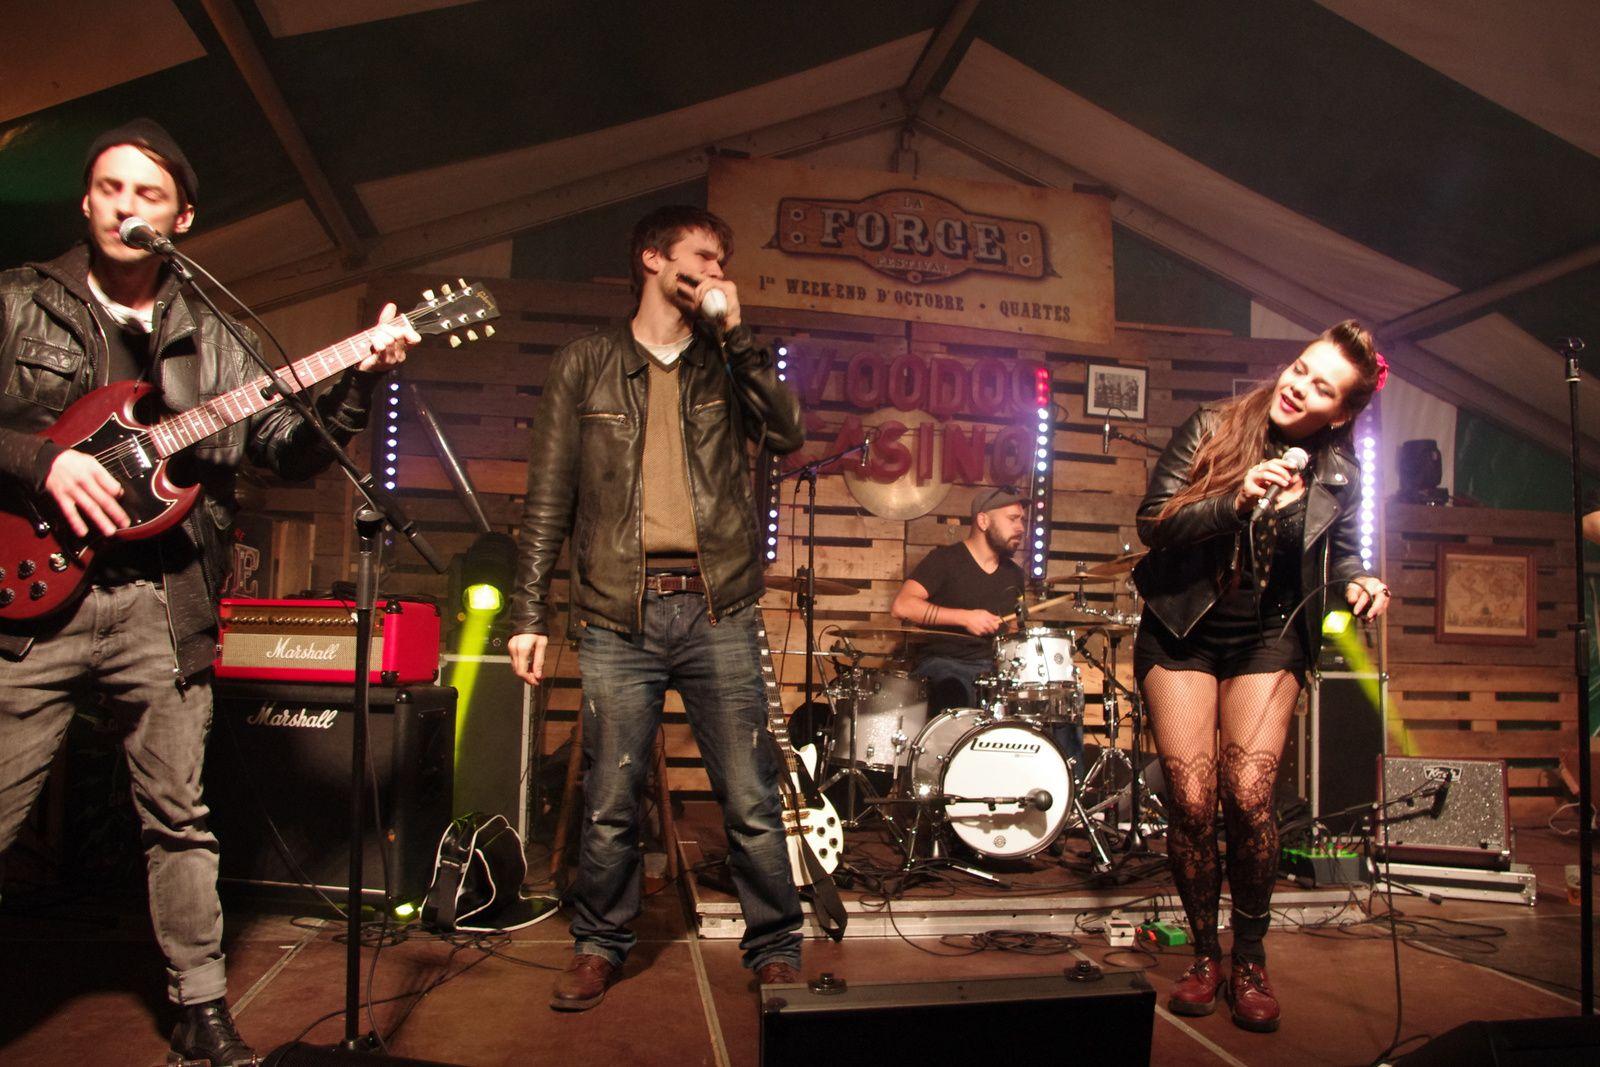 La Forge Festival - 07 octobre 2017 - Quartes (B)